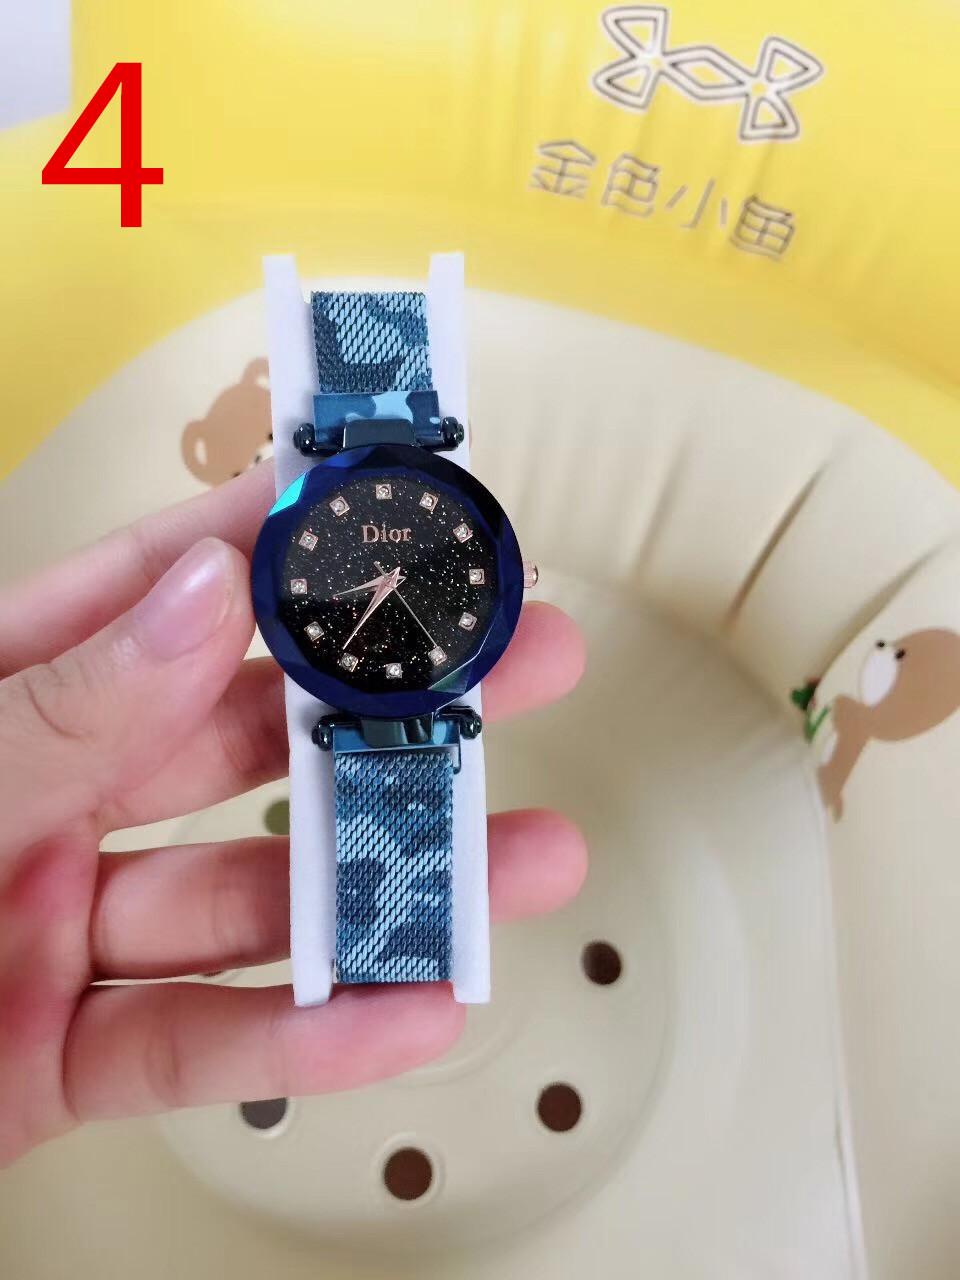 שעון לנשים, שעון של DIOR, שעונים של דיור, שעון מנומר, מתנה שעון לאישה, מתנה לחברה